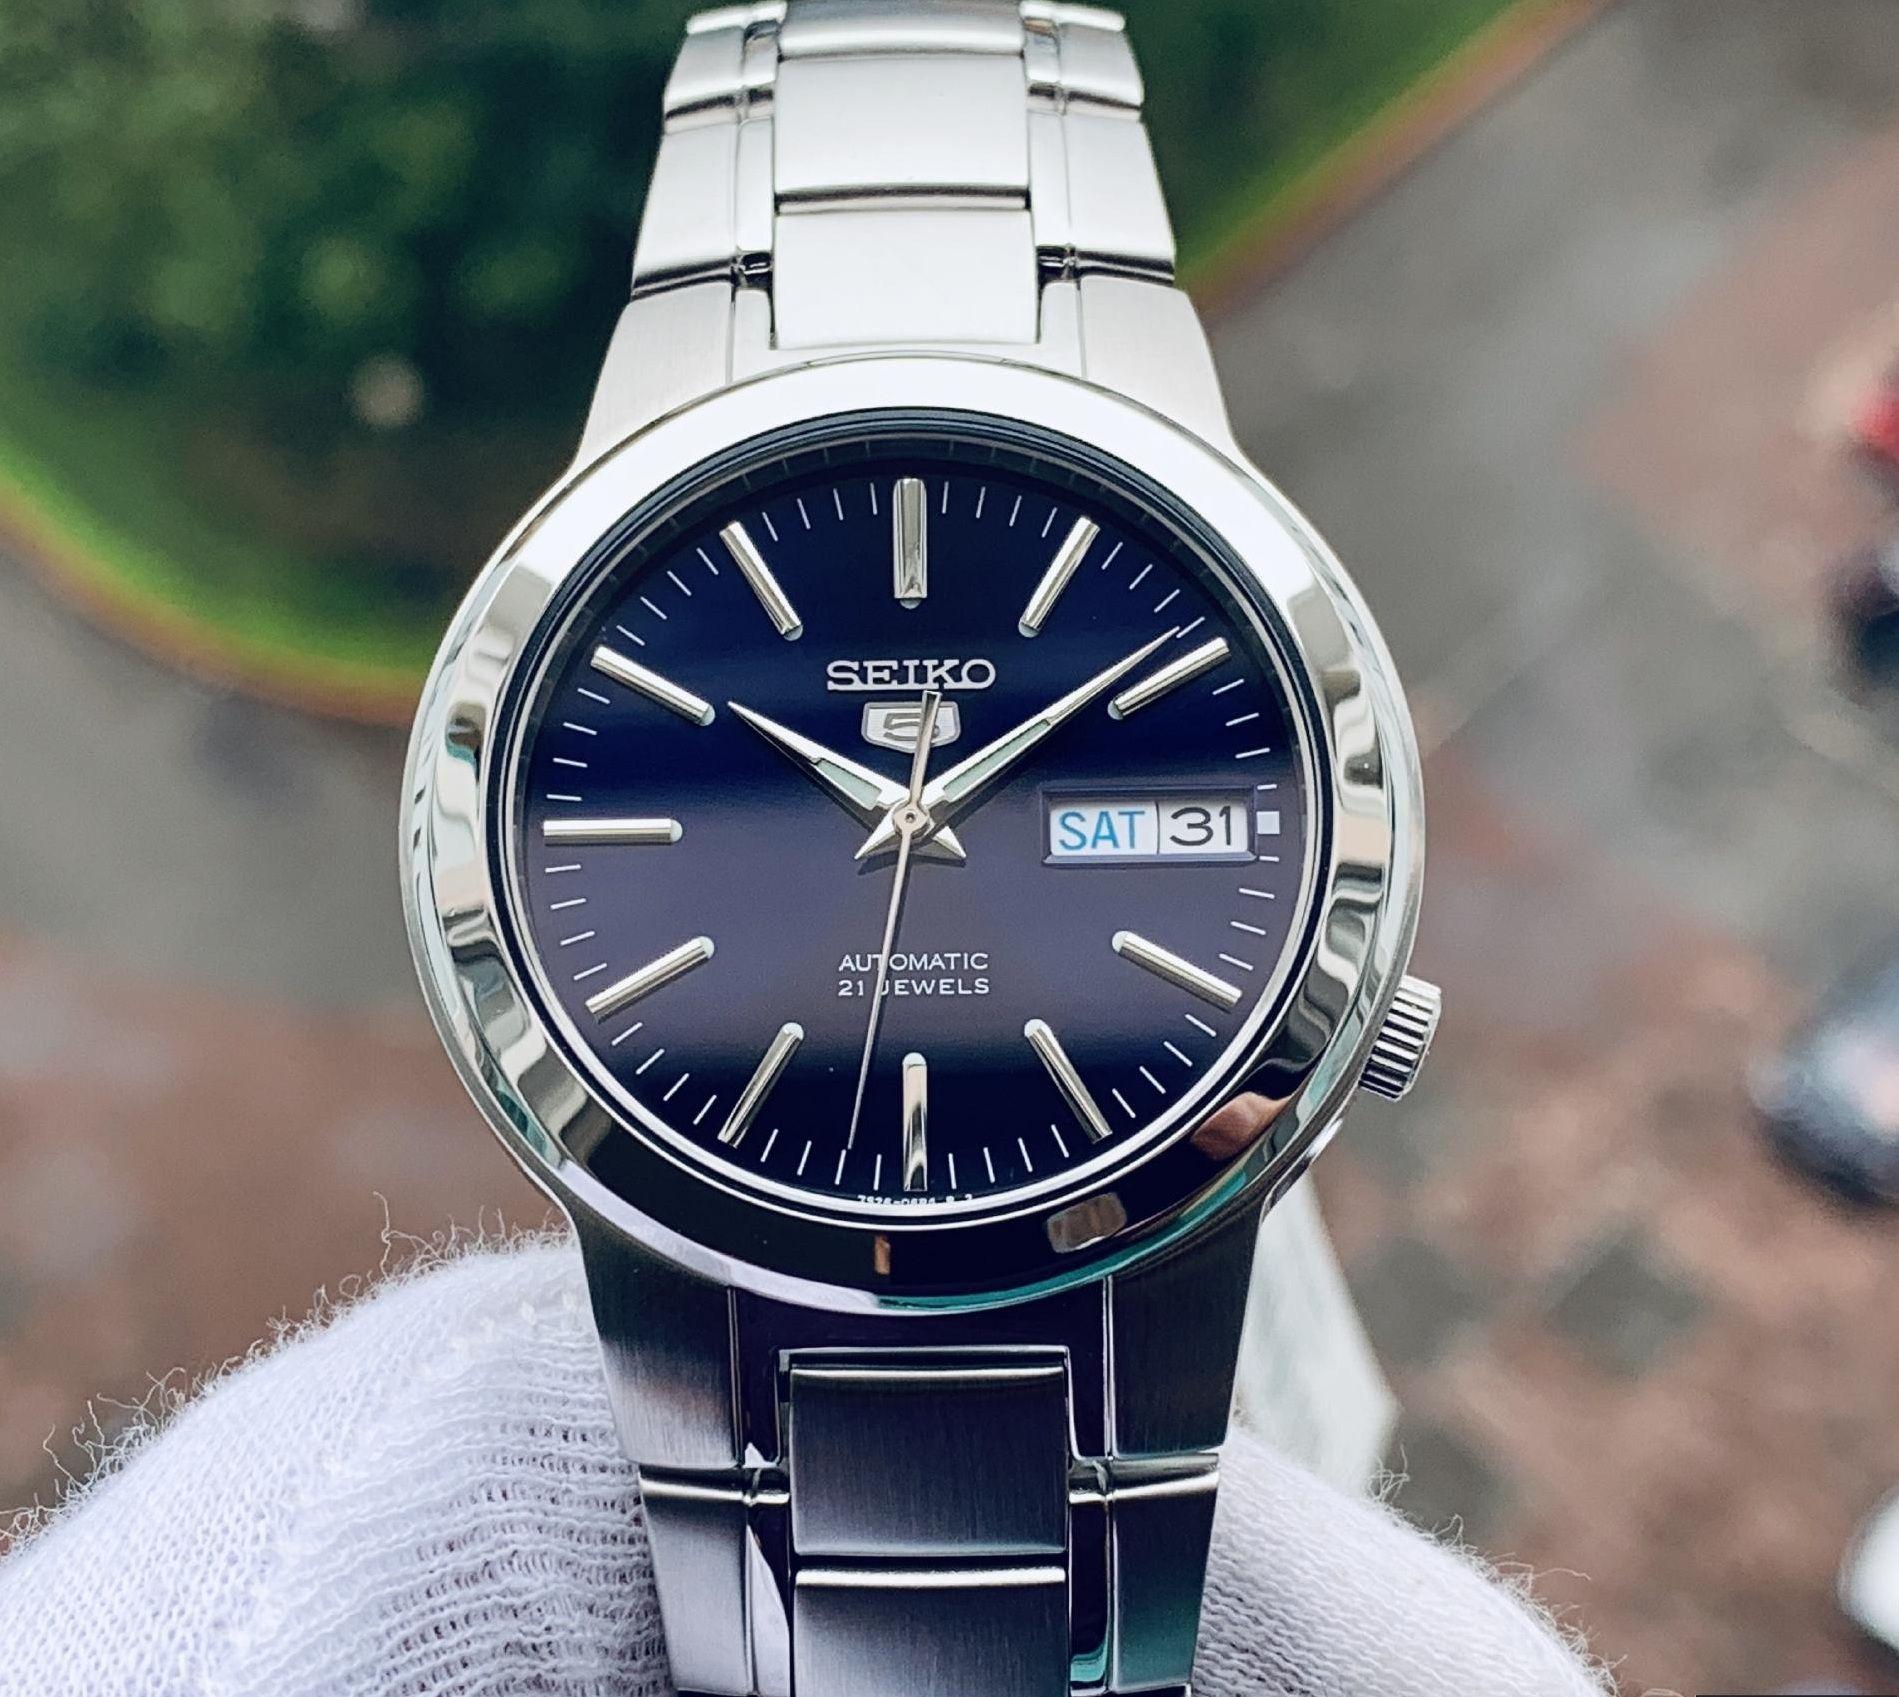 Đồng hồ Seiko 5 SNKA05 máy Automatic cho nam 1